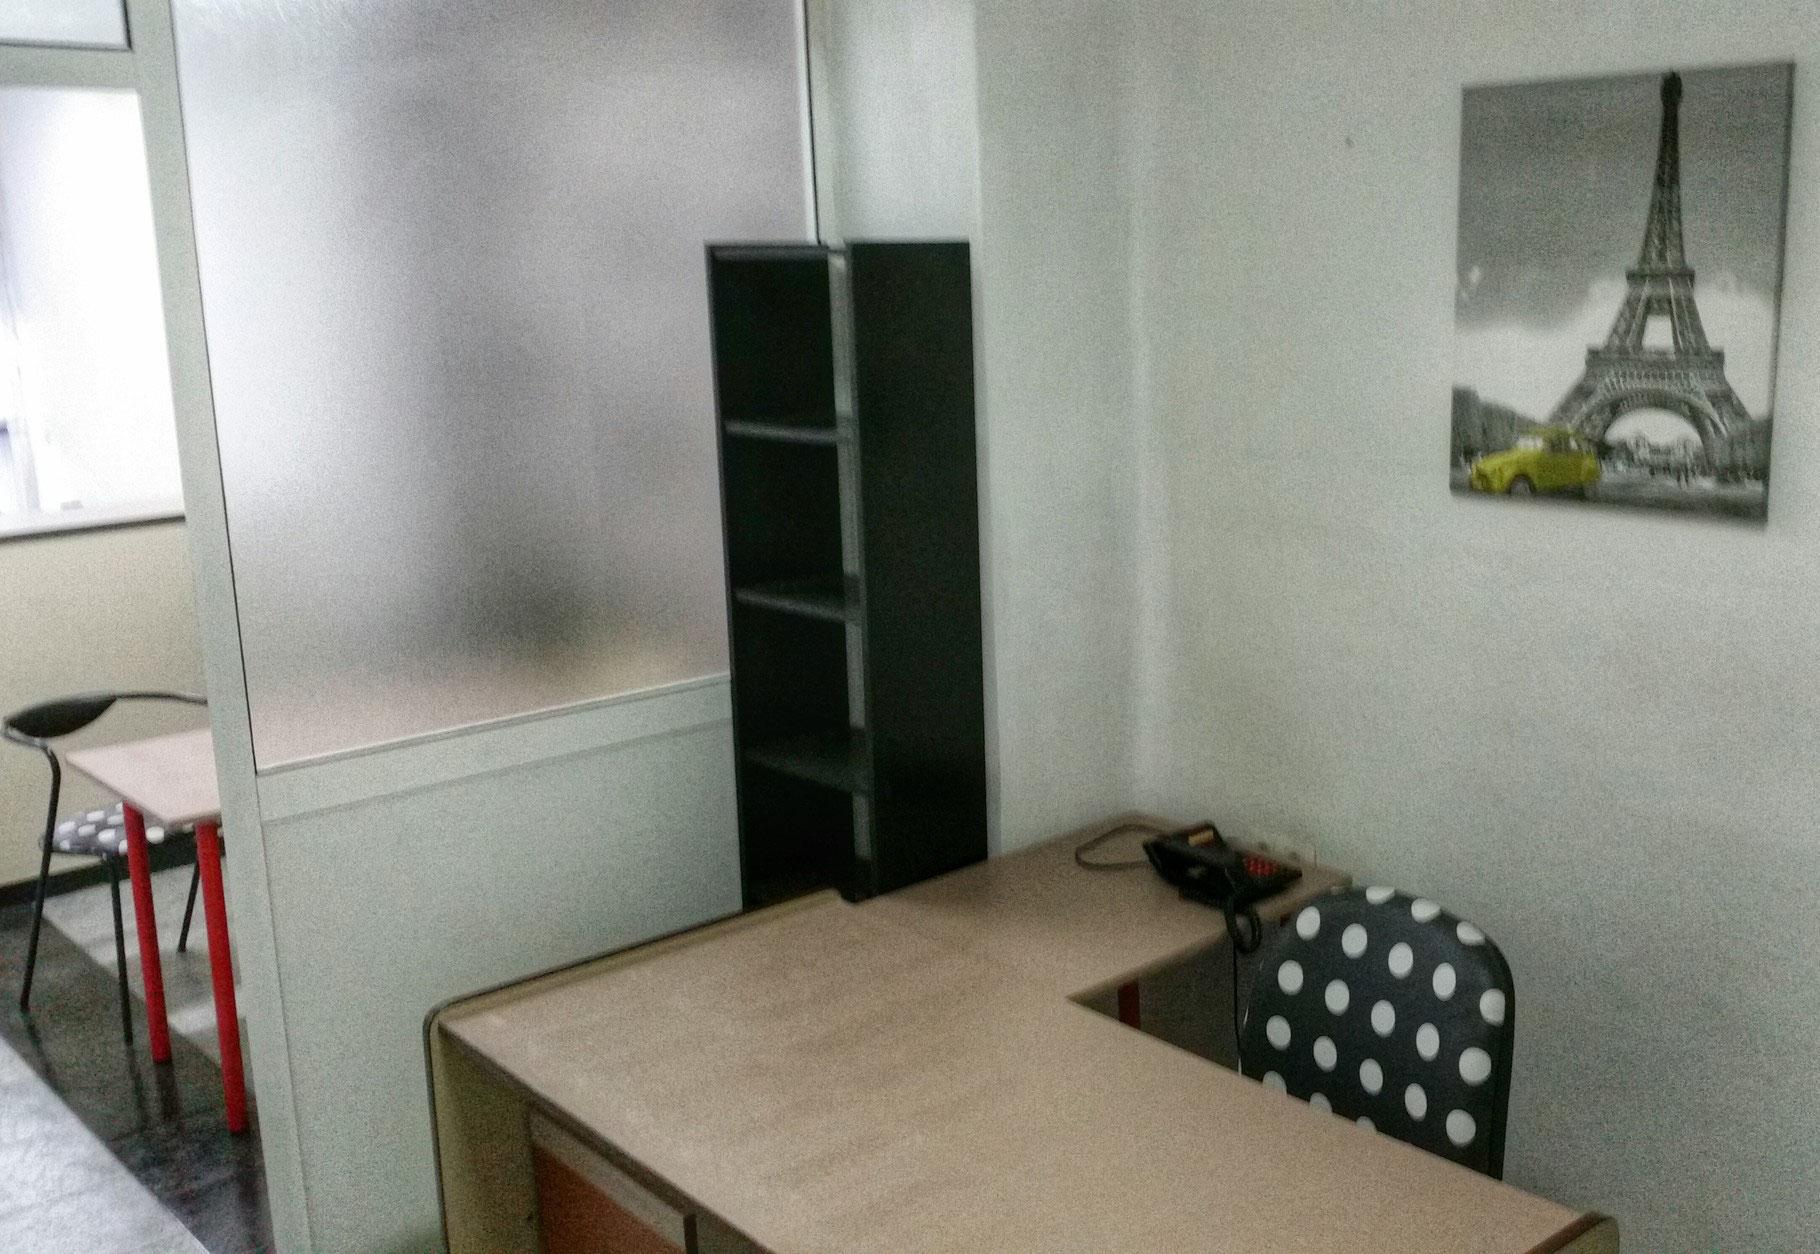 Alquiler oficinas desde 100 amuebladas cerca centro m laga modelos a b y c en c - Alquiler oficinas malaga ...